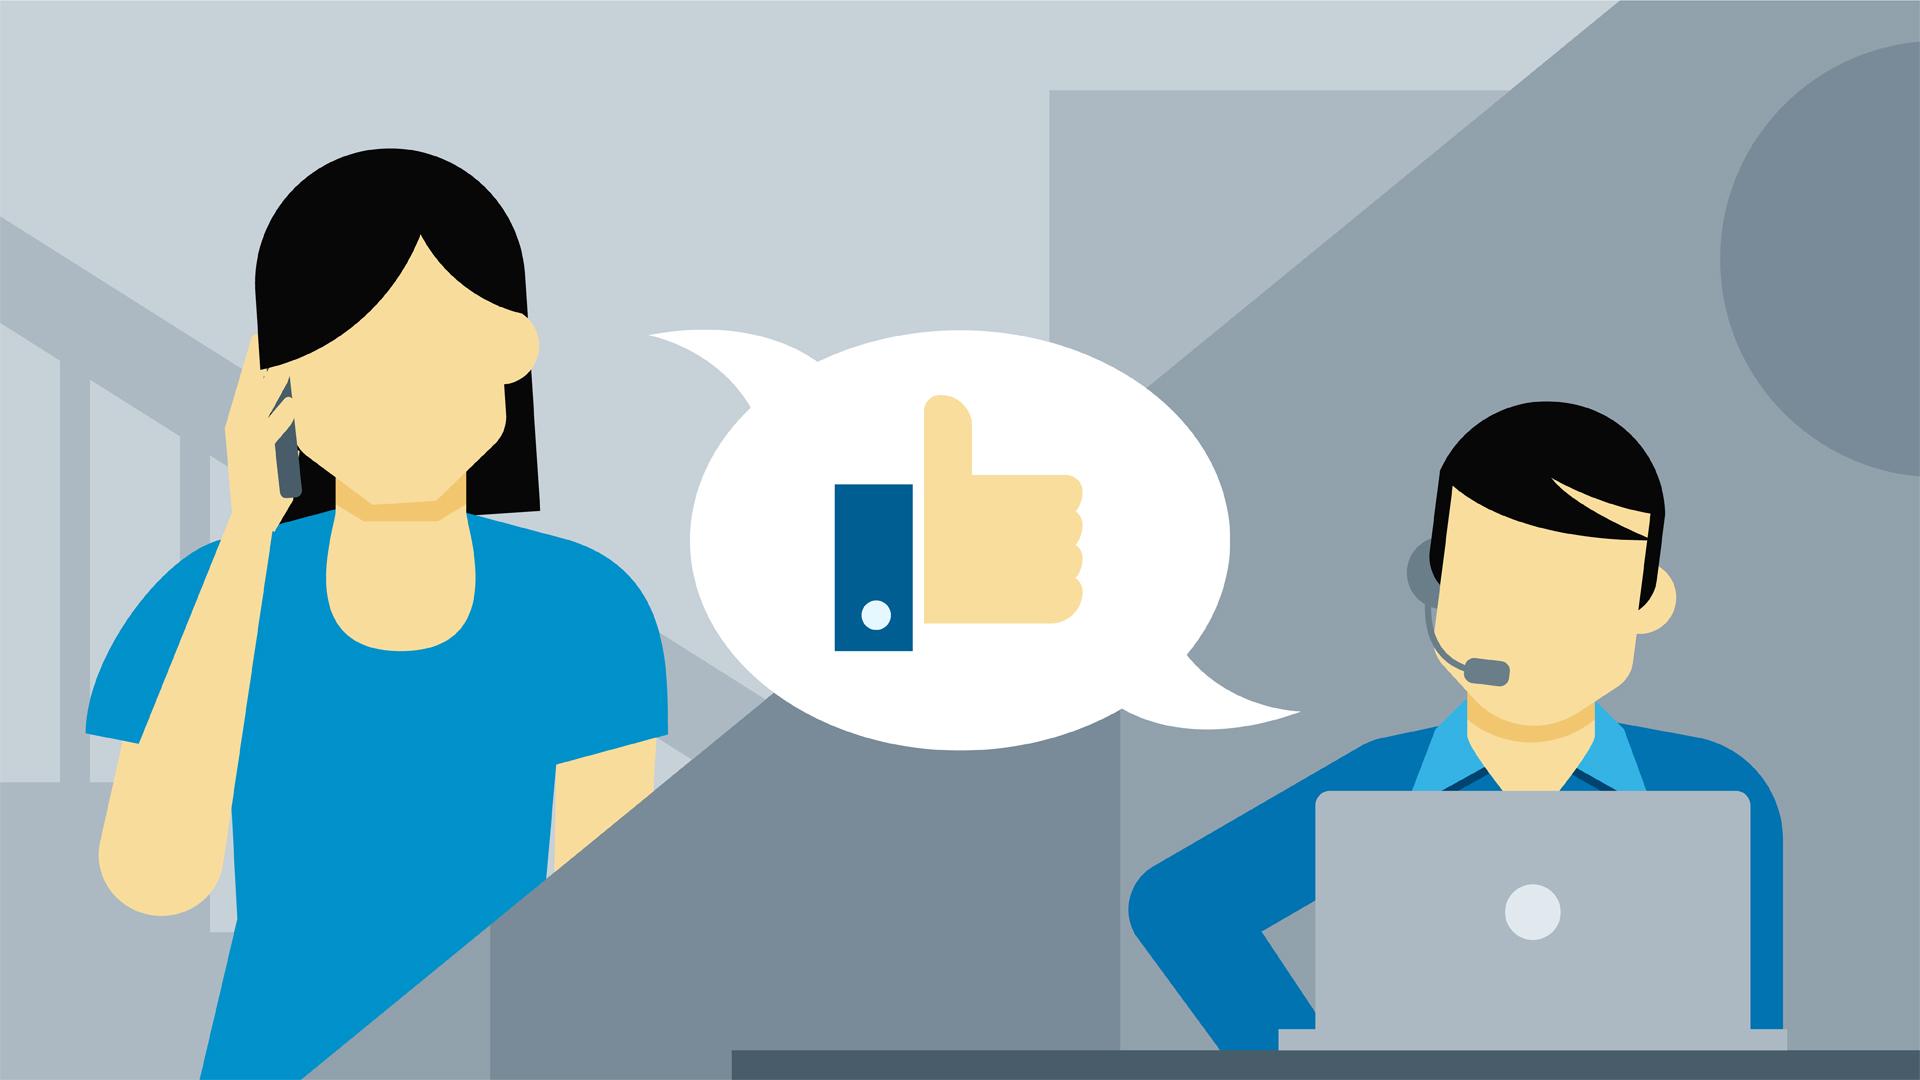 Tuyệt chiêu giữ chân khách hàng mà Giám đốc Marketing cần biết